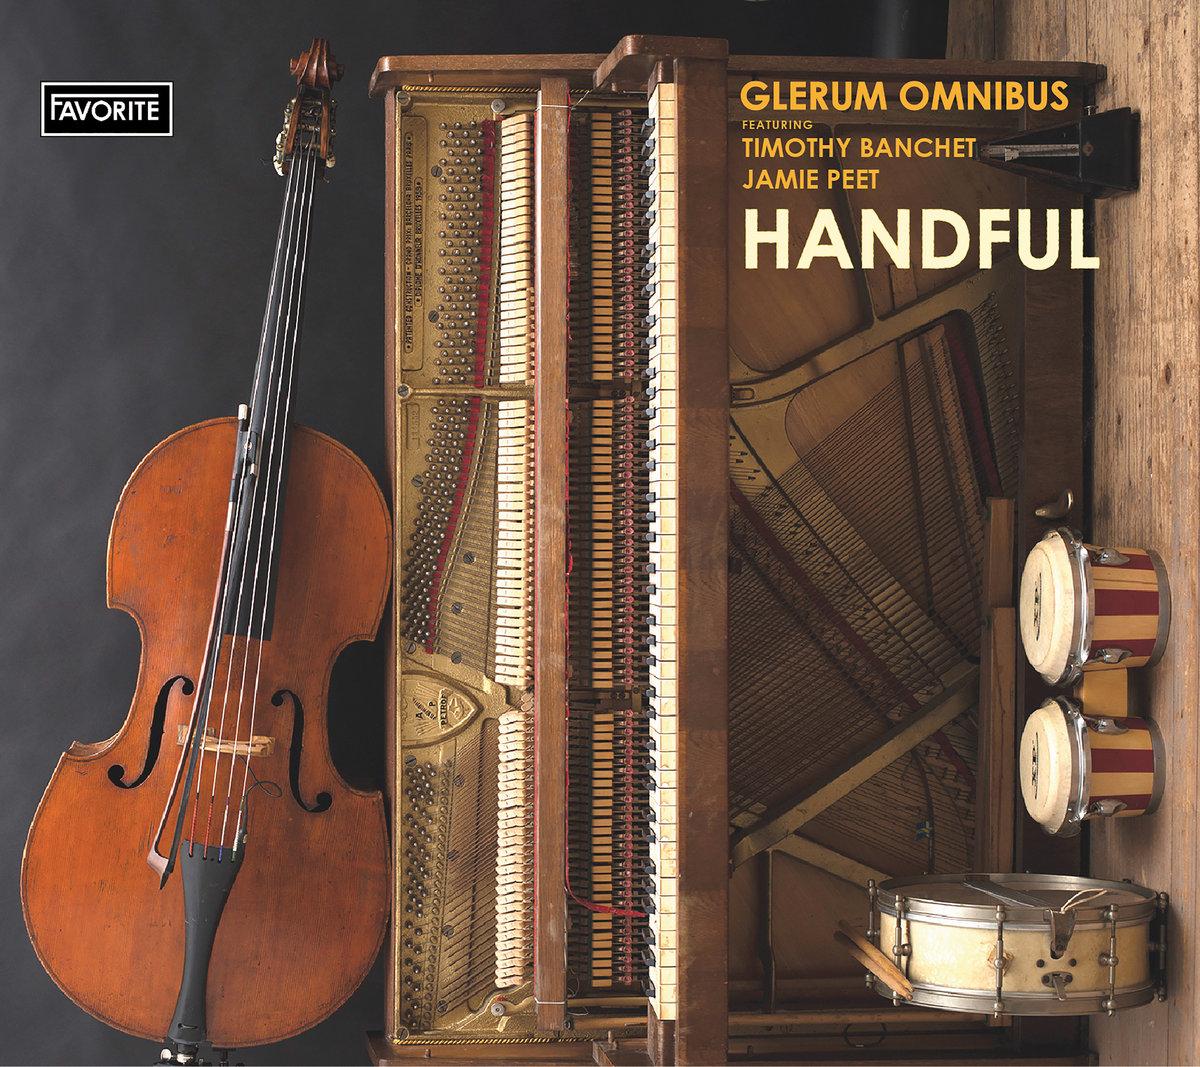 Ernst Glerum - Omnibus Two